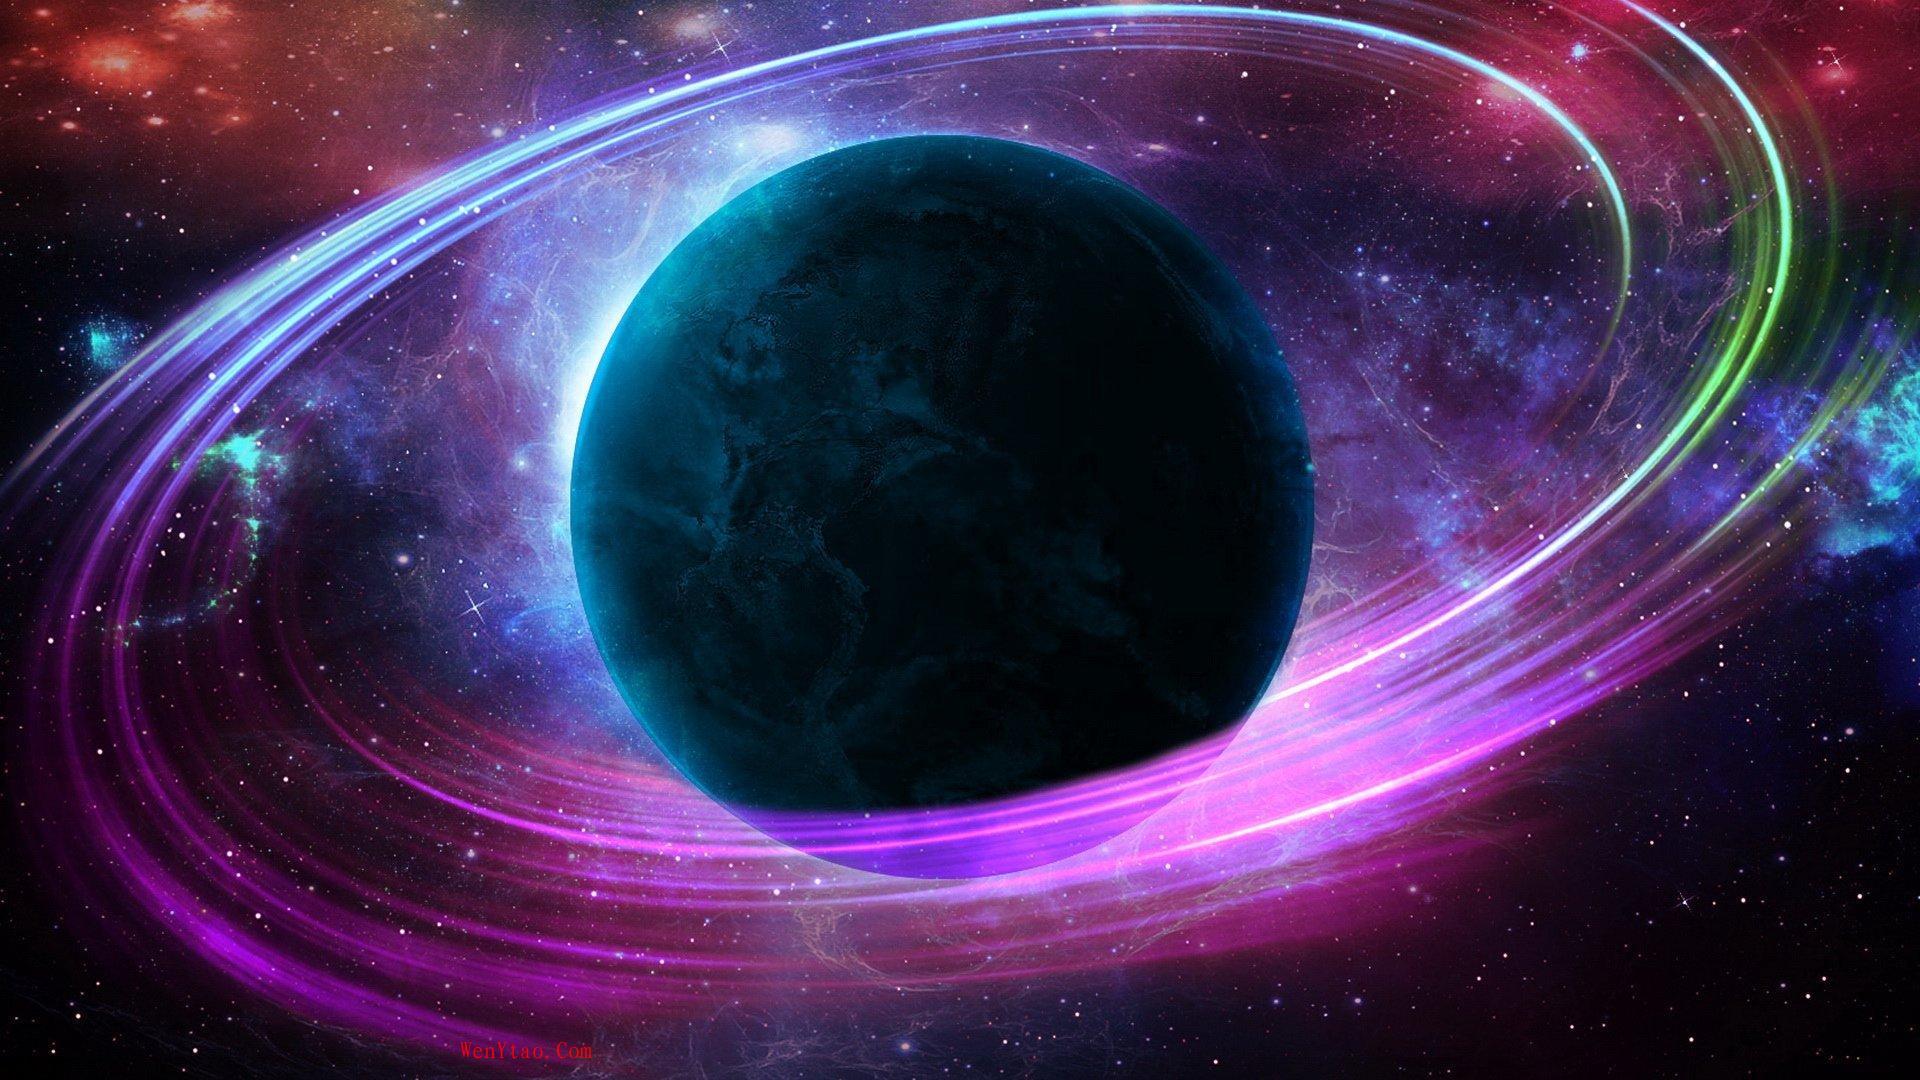 风景奇幻梦境山峰星空繁星云雾夜晚星空星球梦幻5k壁纸 风景 第13张